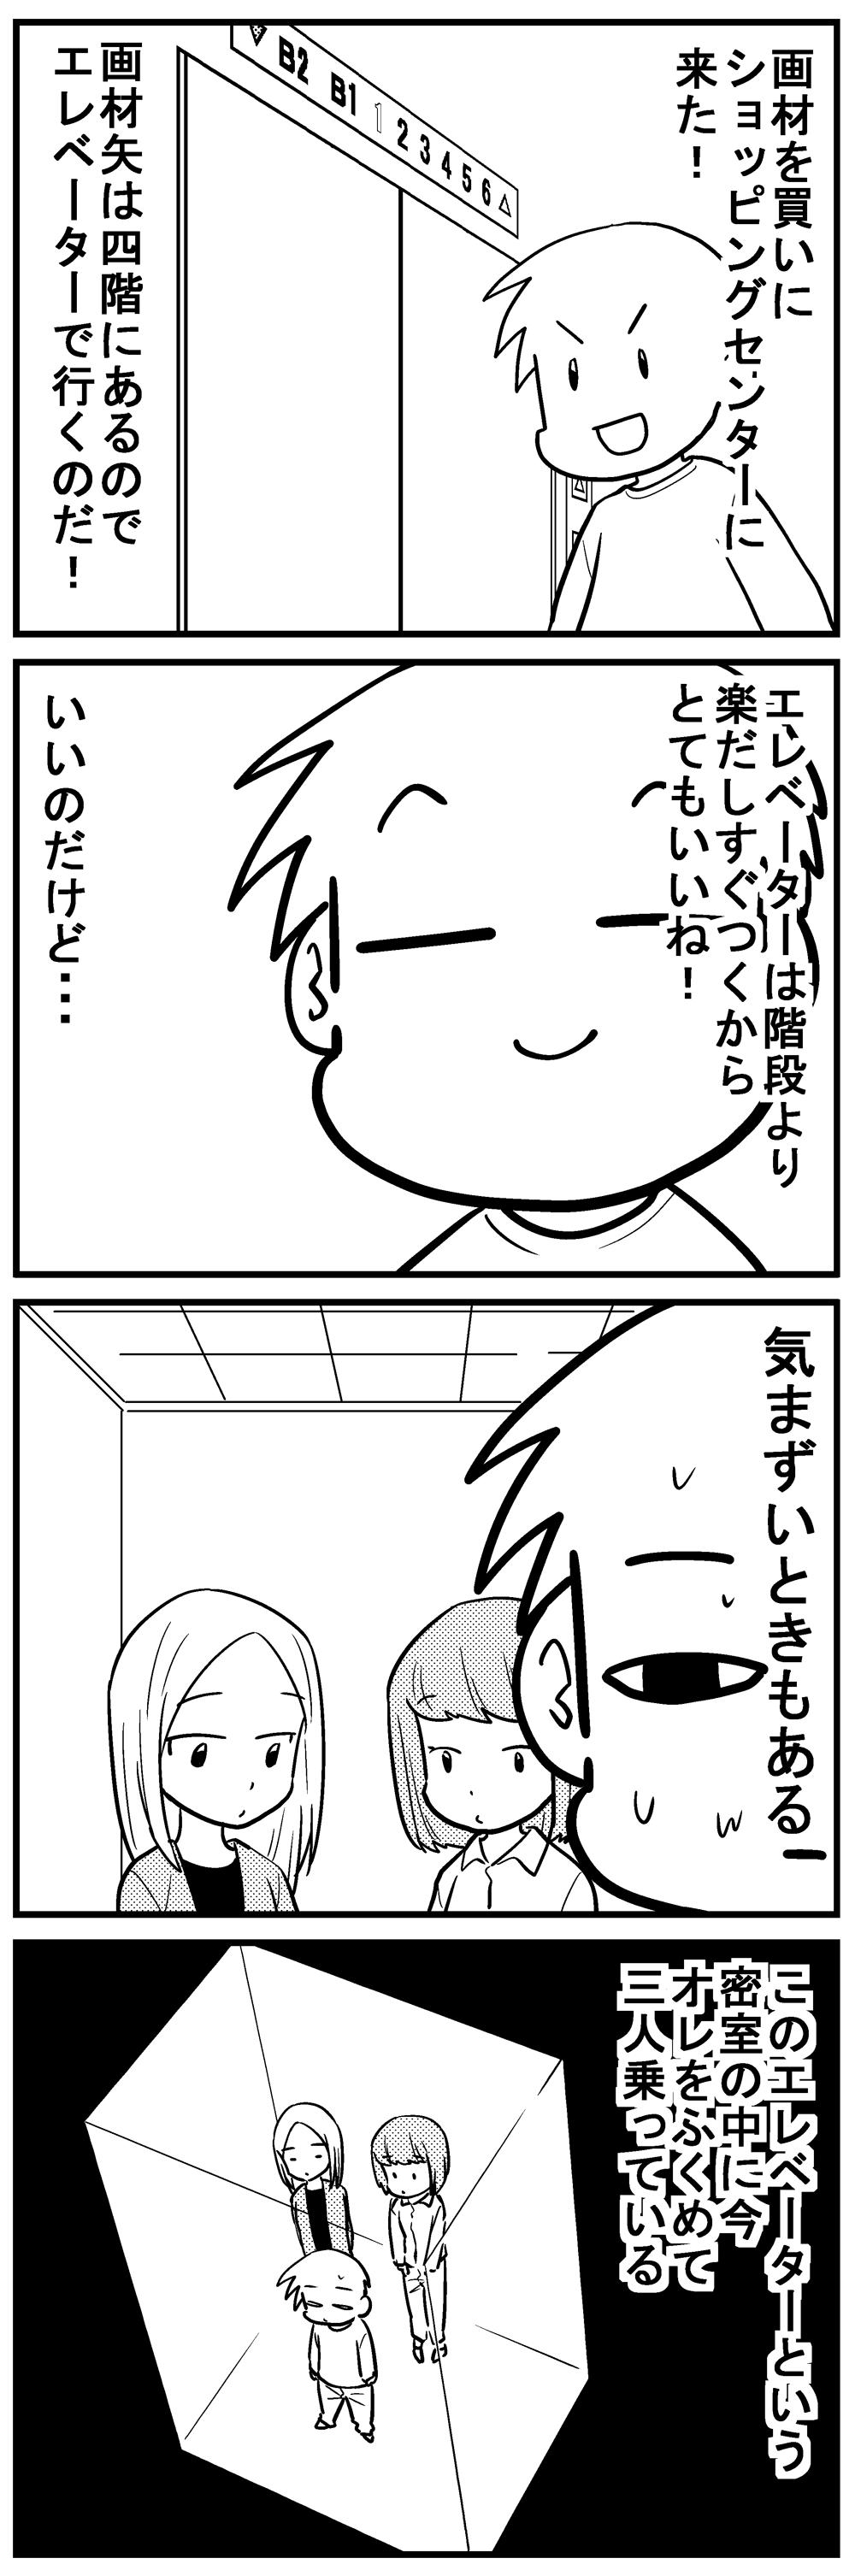 深読みくん102 1